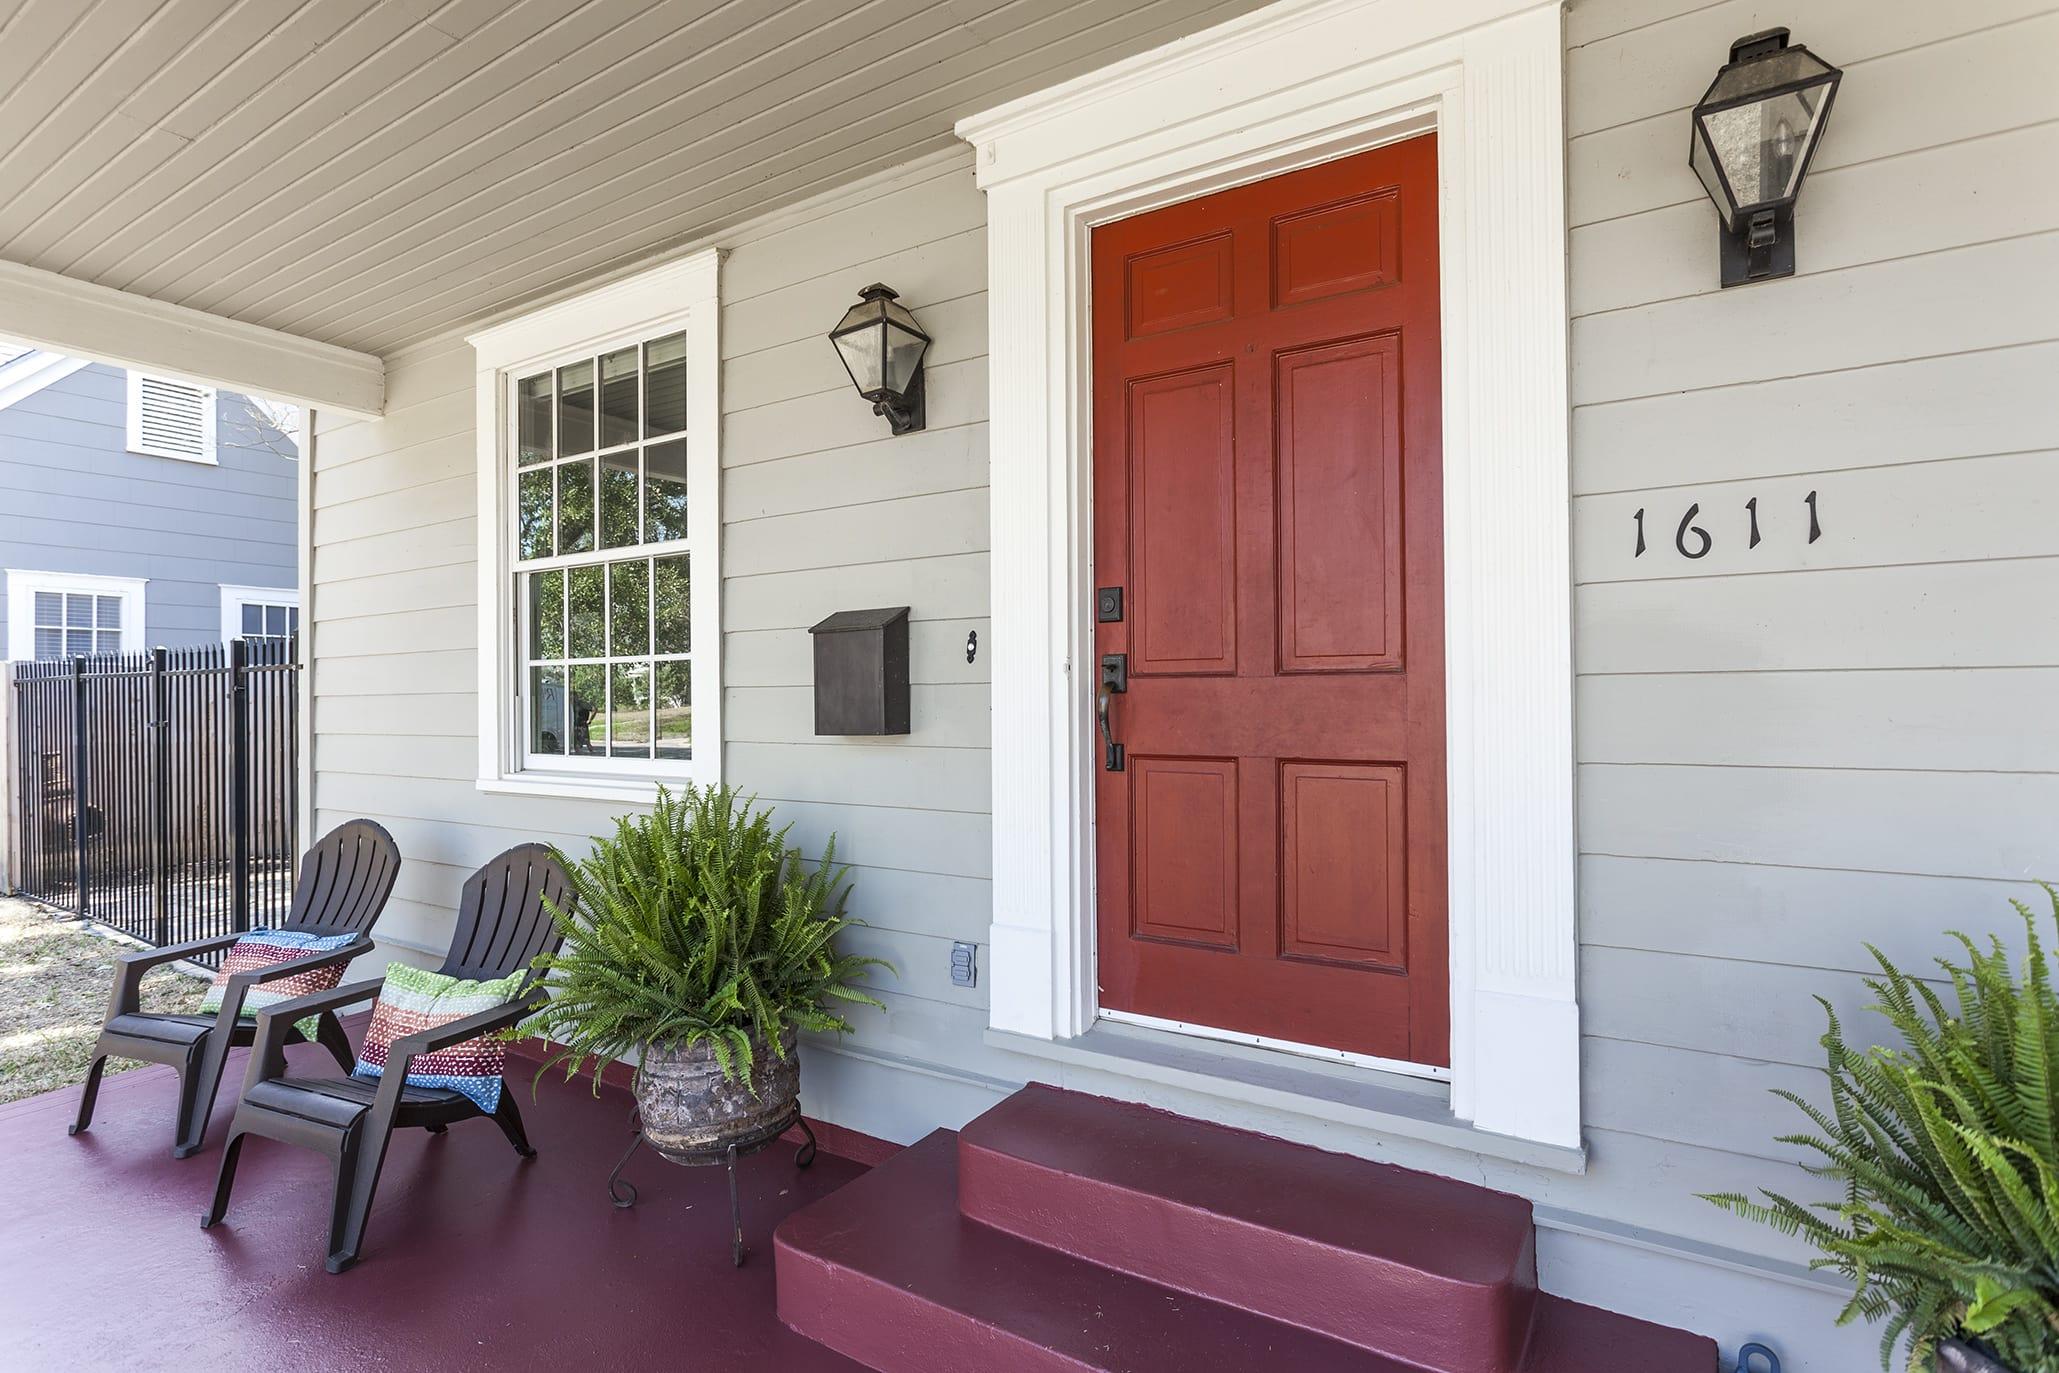 Charming red door